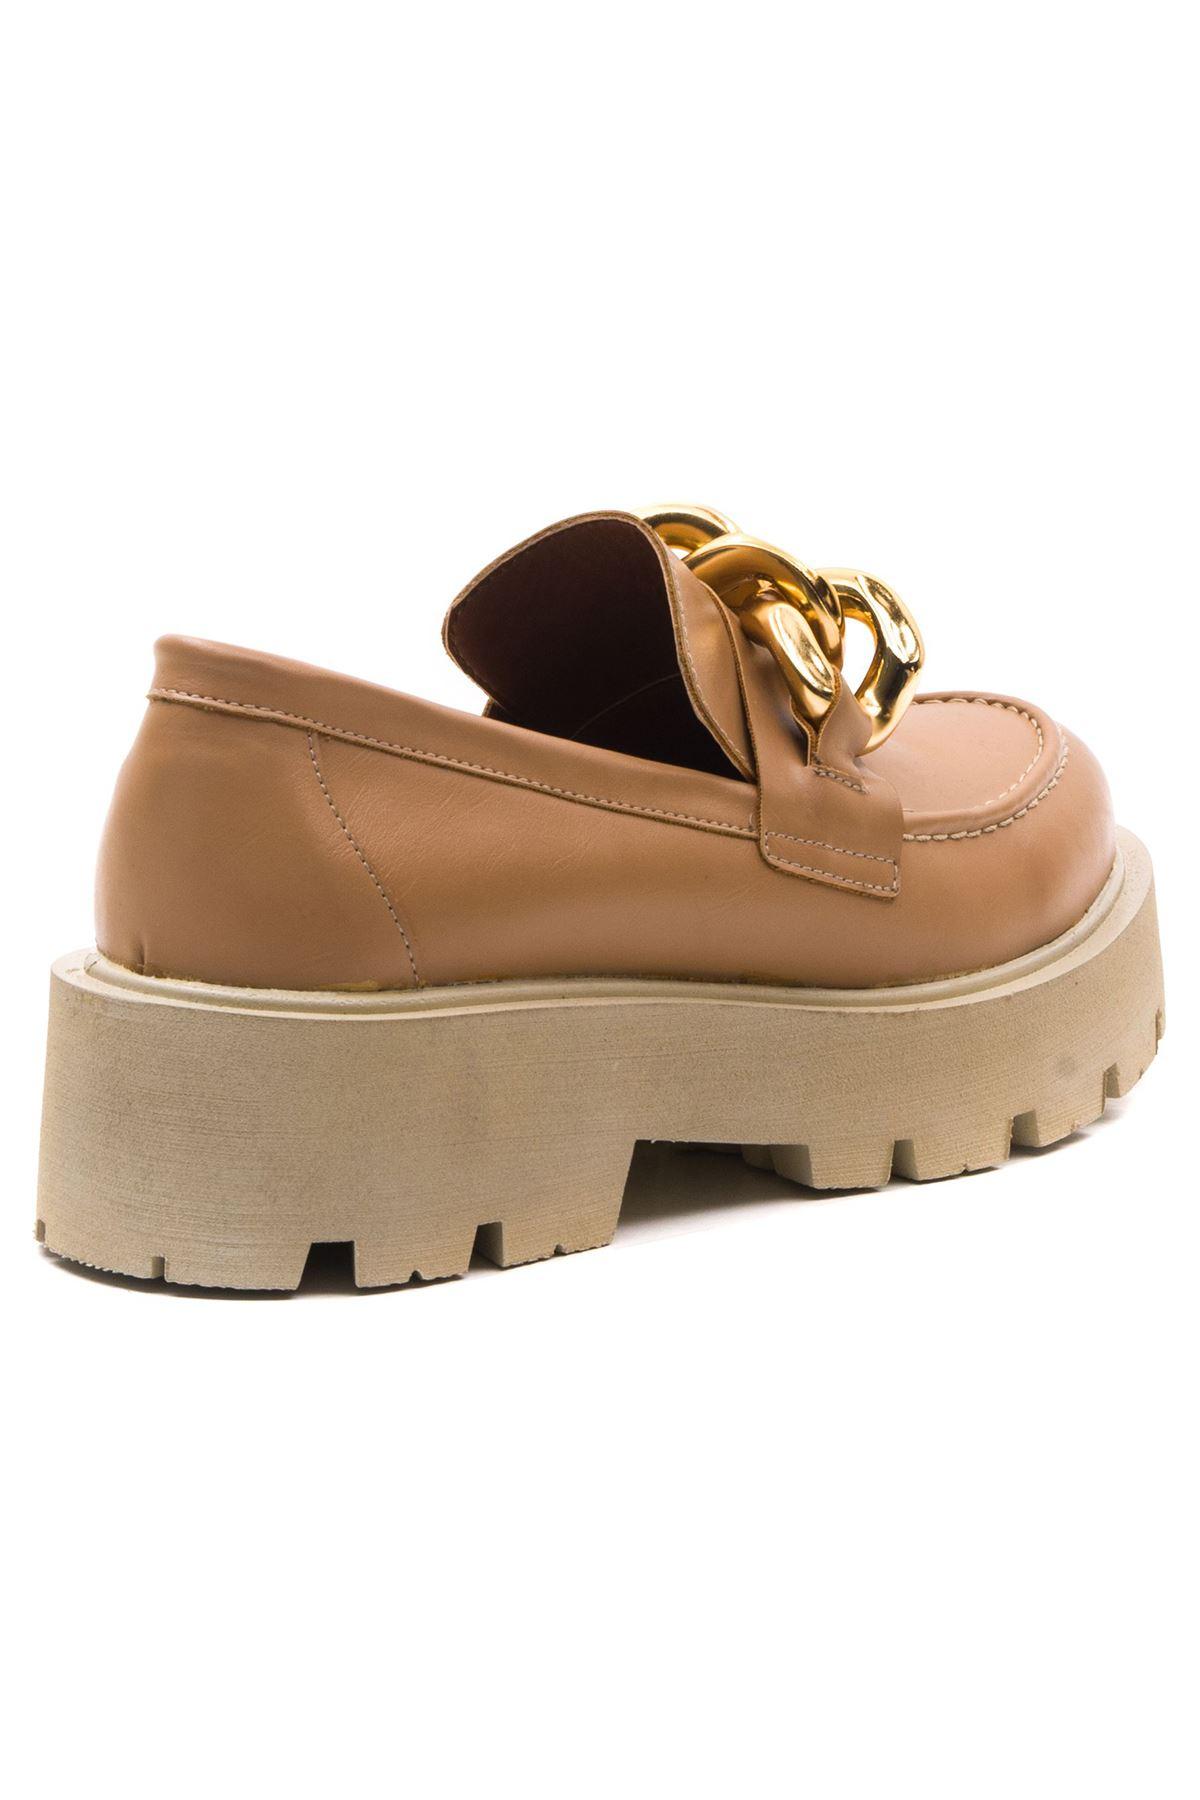 Ezra Kadın Ayakkabı Nude